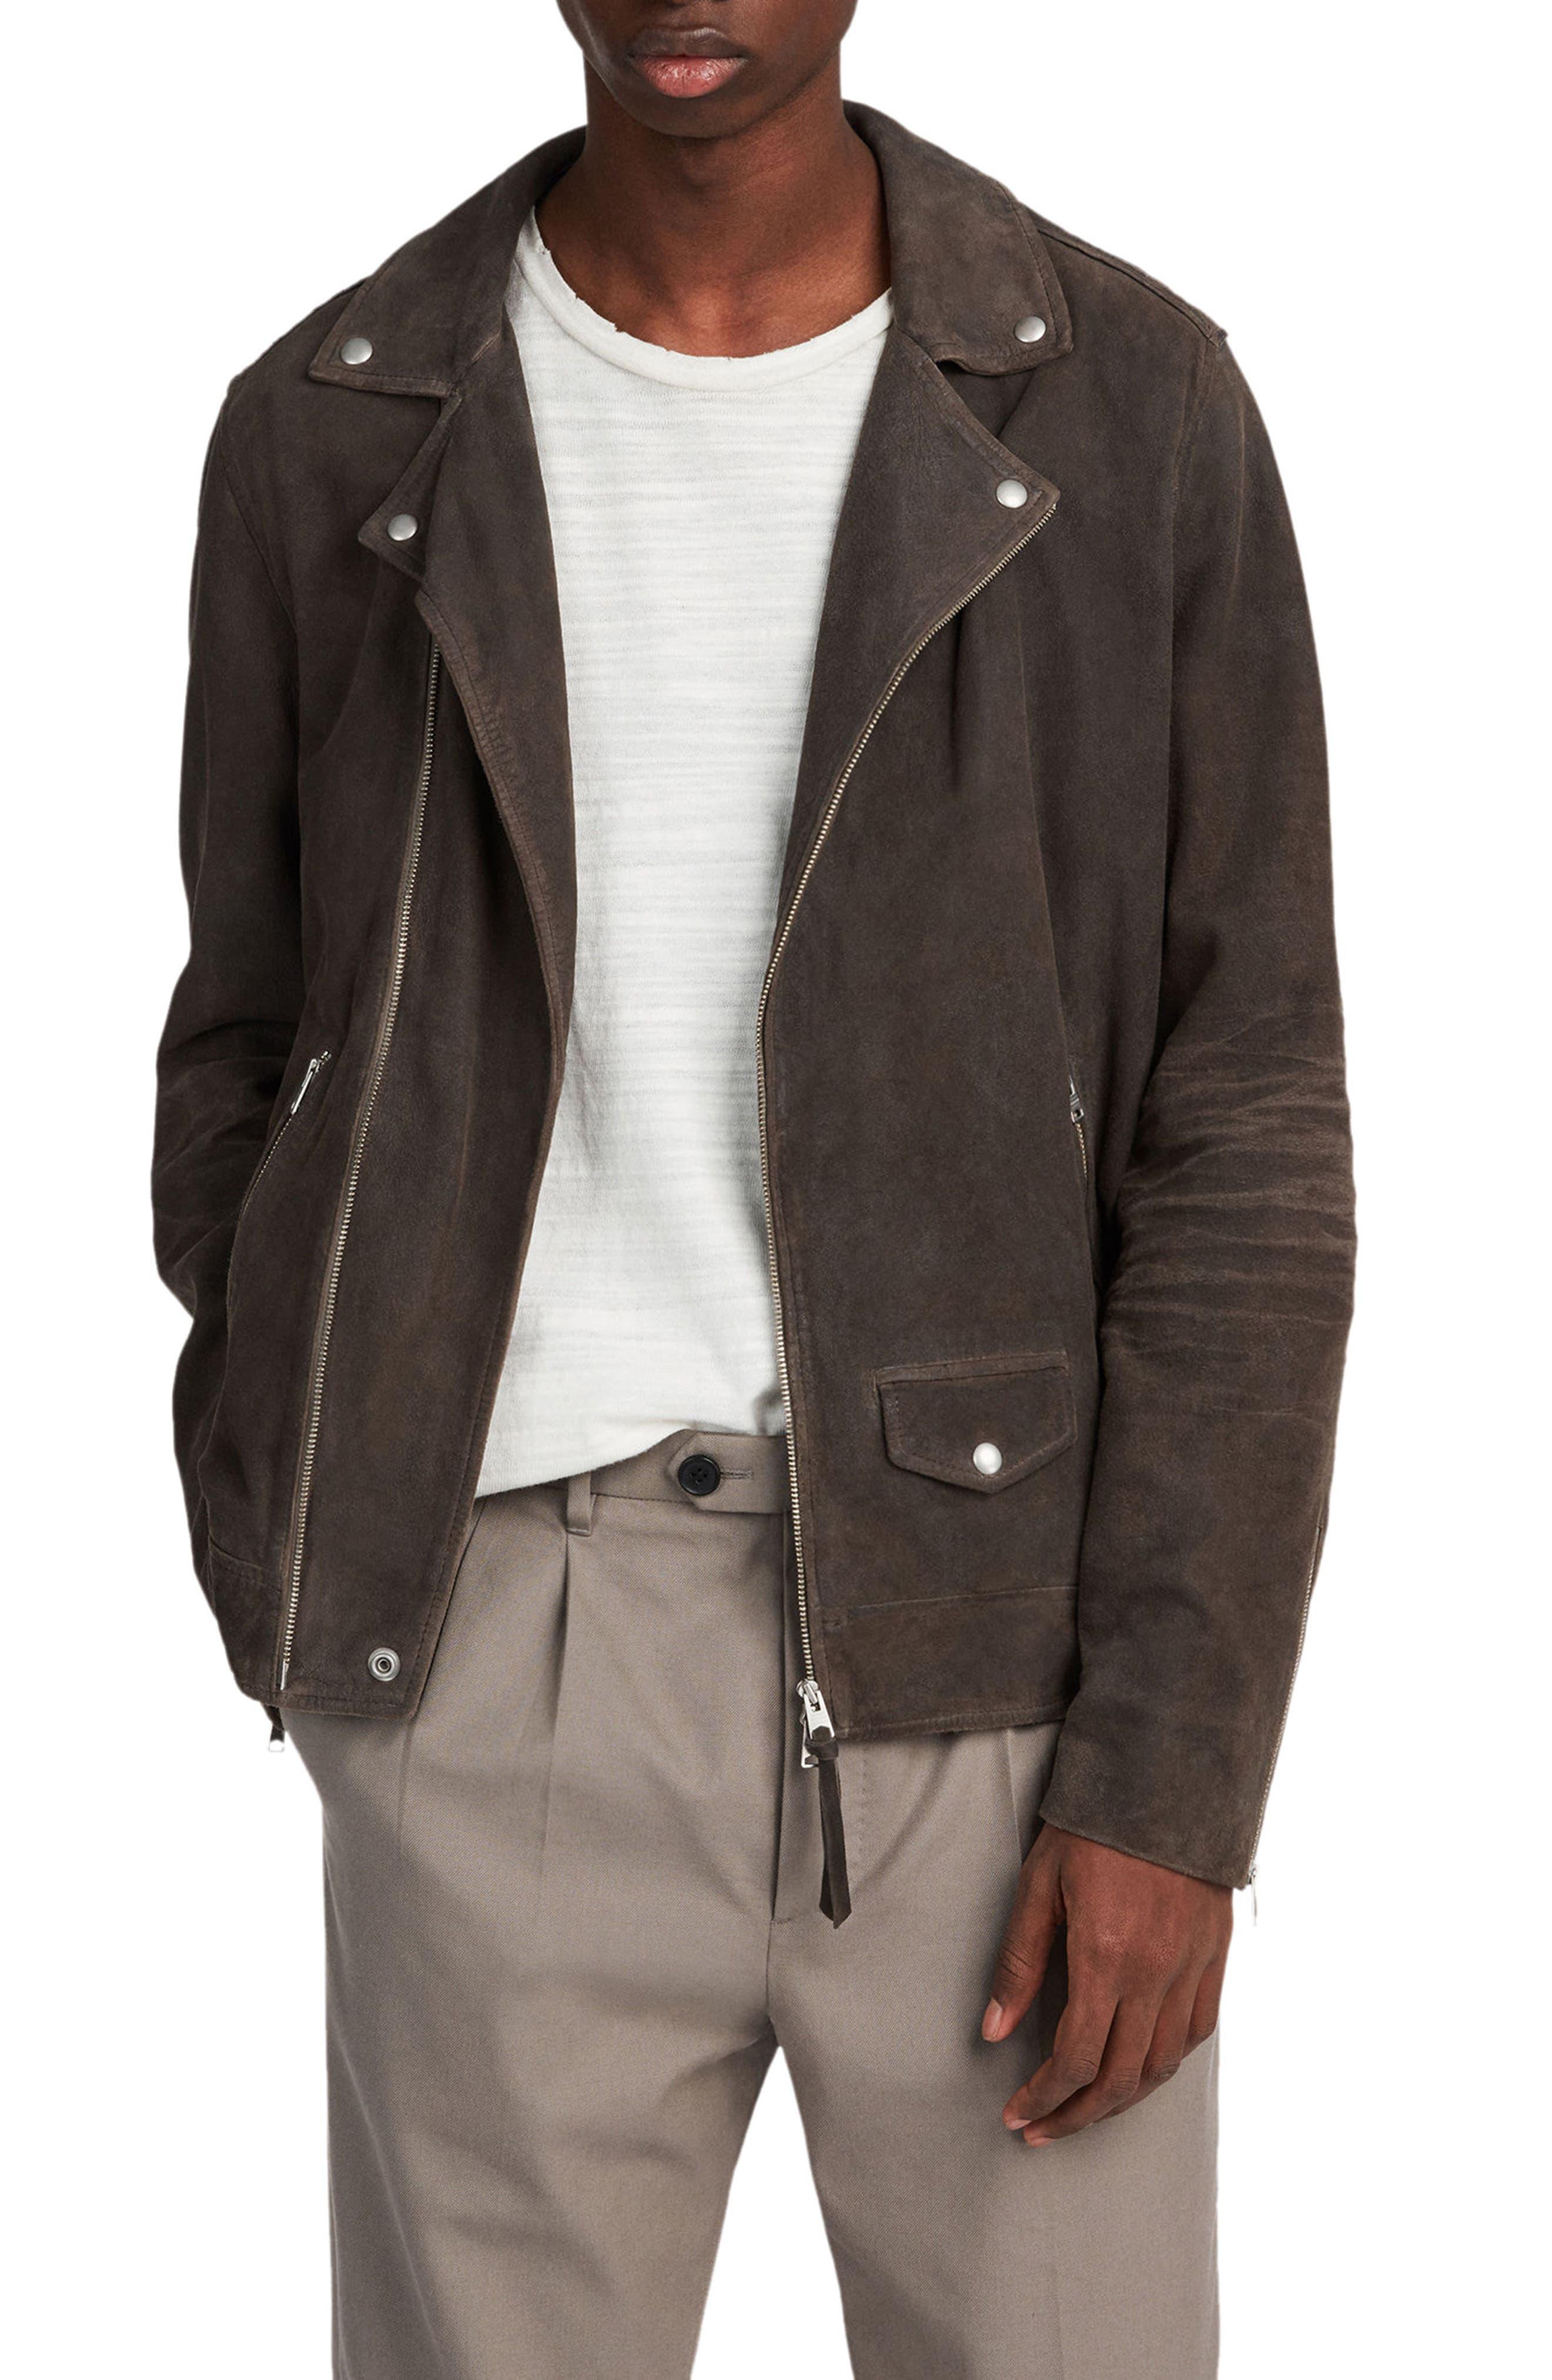 ALLSAINTS Kano Suede Moto Jacket Outlet Shop Offer With Credit Card Online Discount Sale Footlocker Finishline Cheap Online TEJVT3K